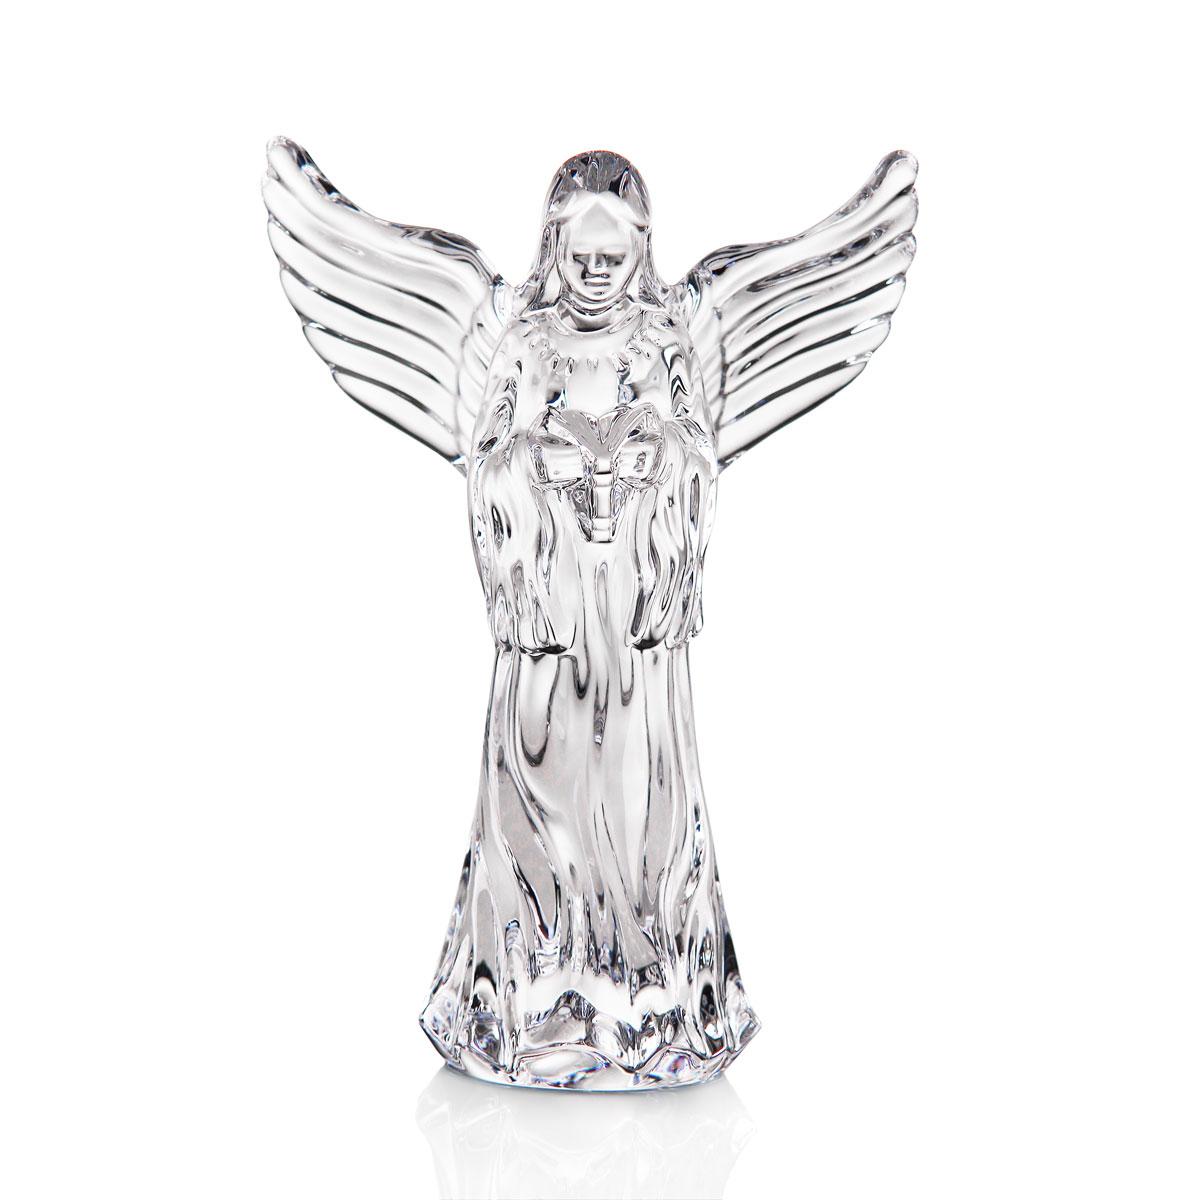 Waterford Crystal Caroling Angel Sculpture